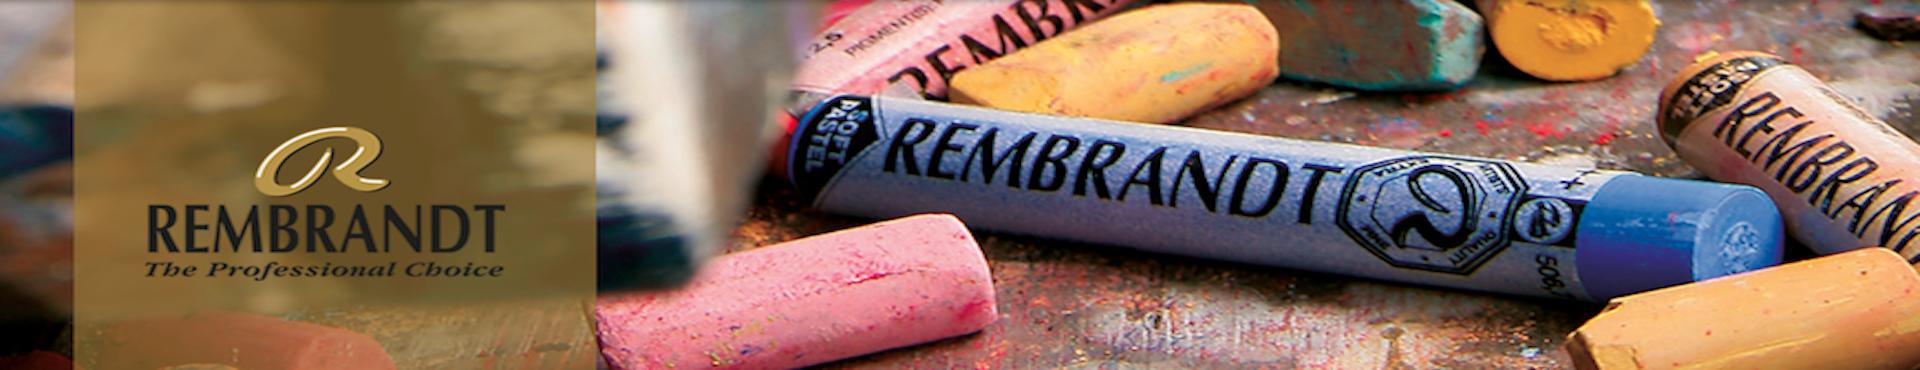 Cajas Pastel Rembrandt